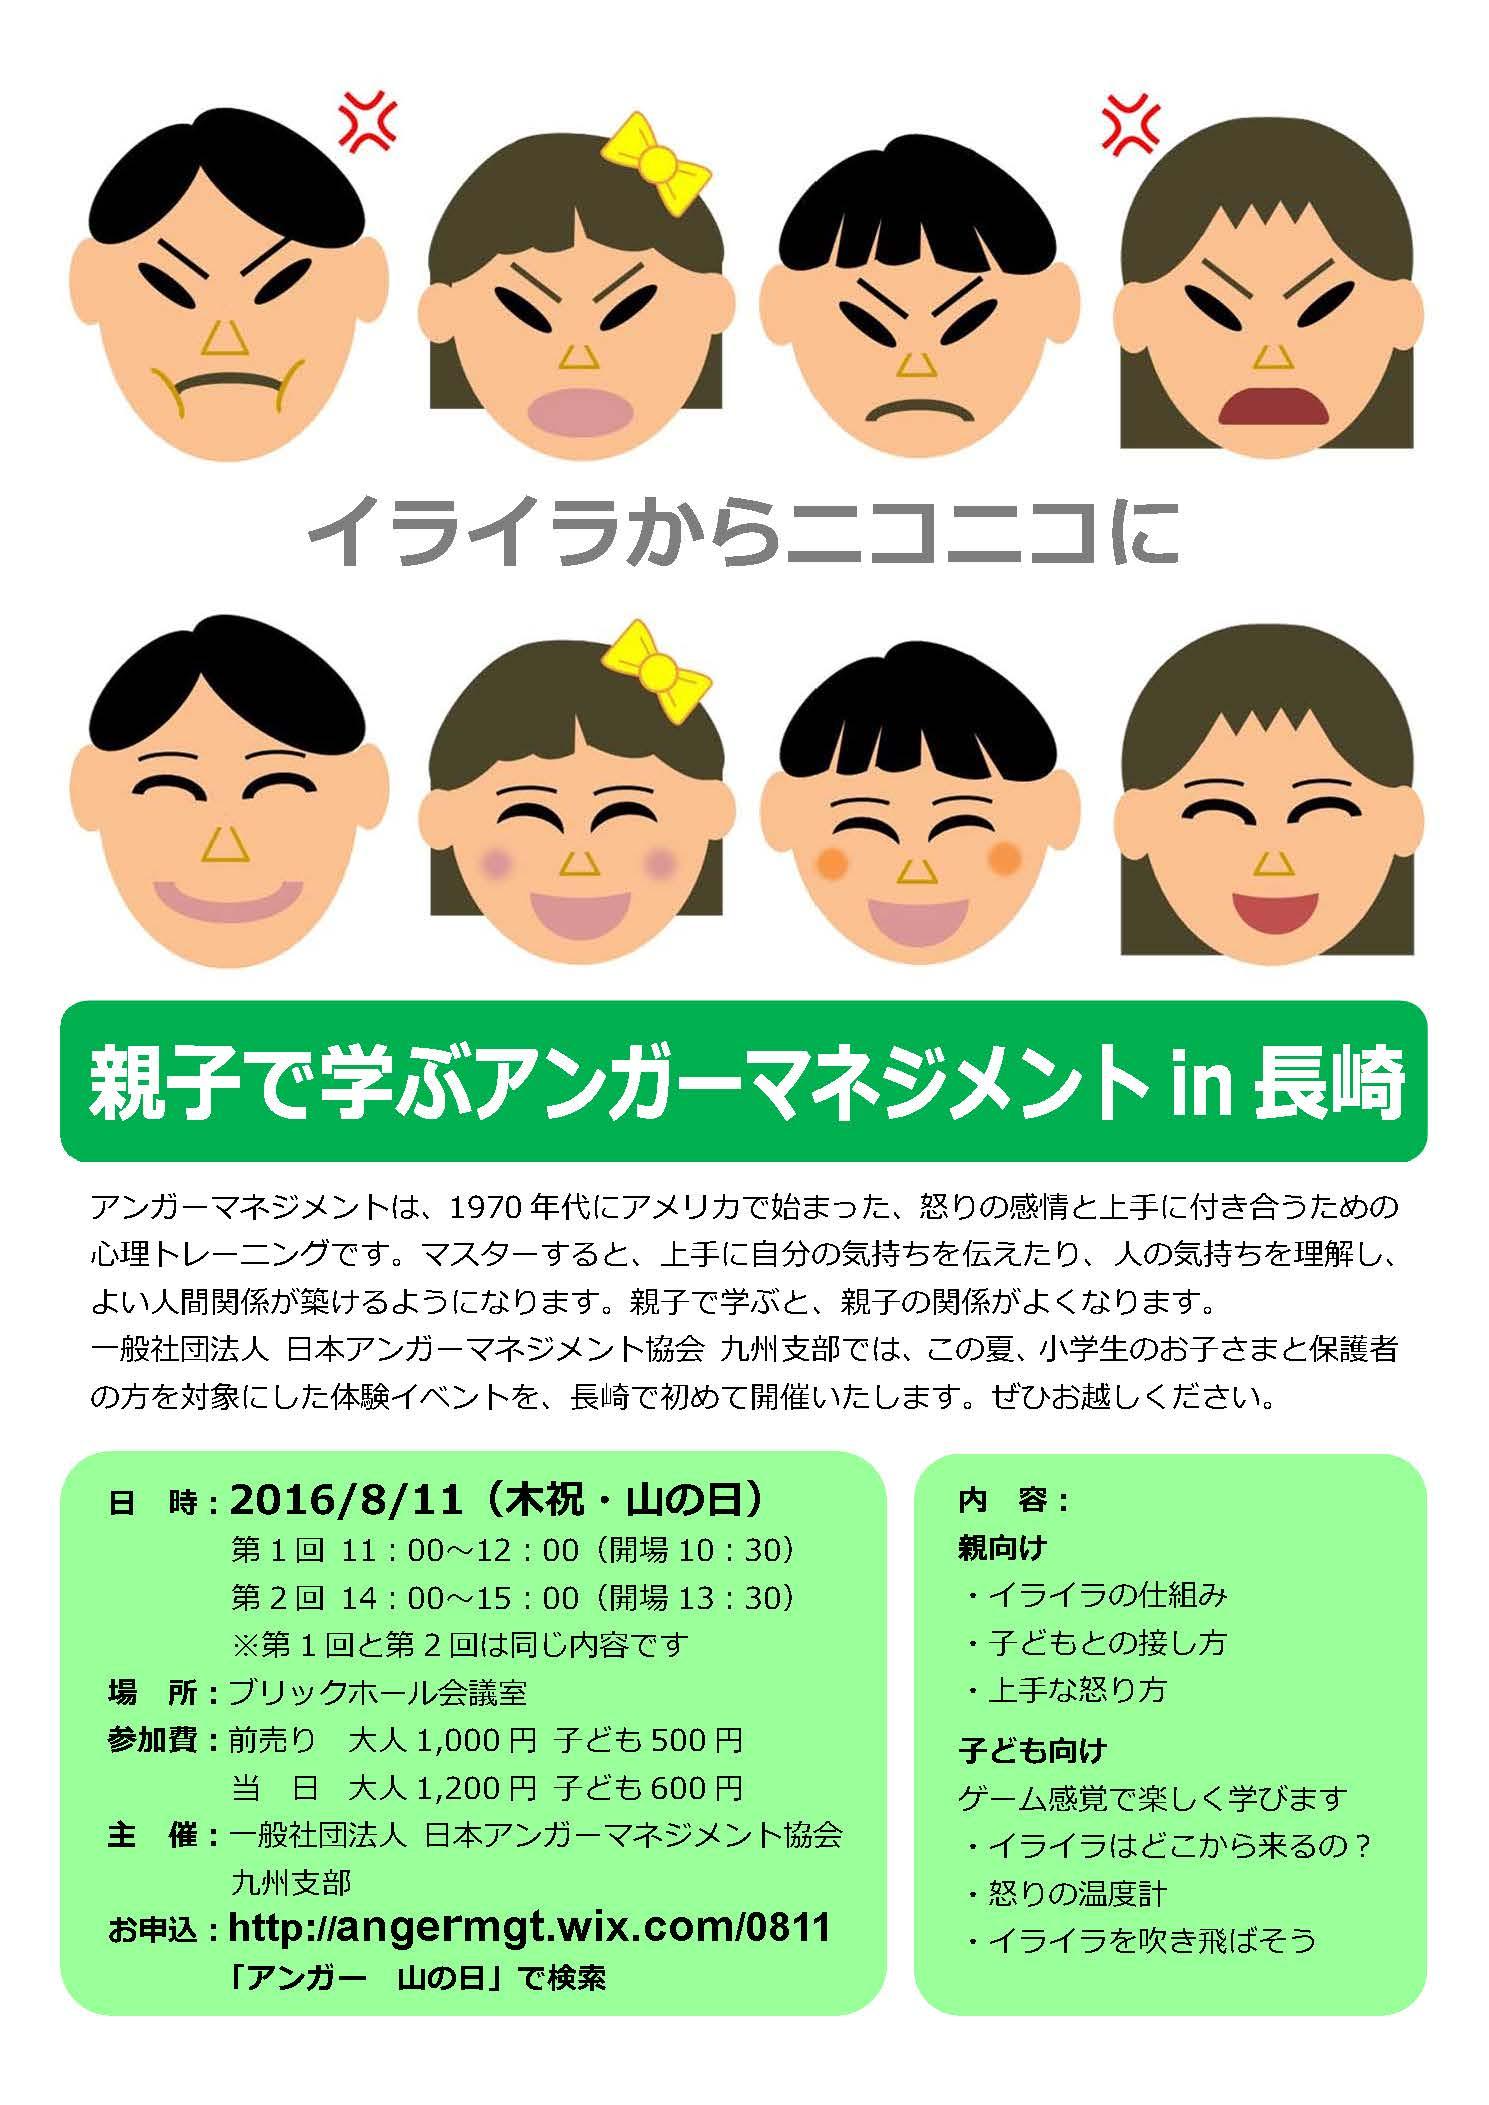 親子で学ぶアンガーマネジメント in 長崎 山の日